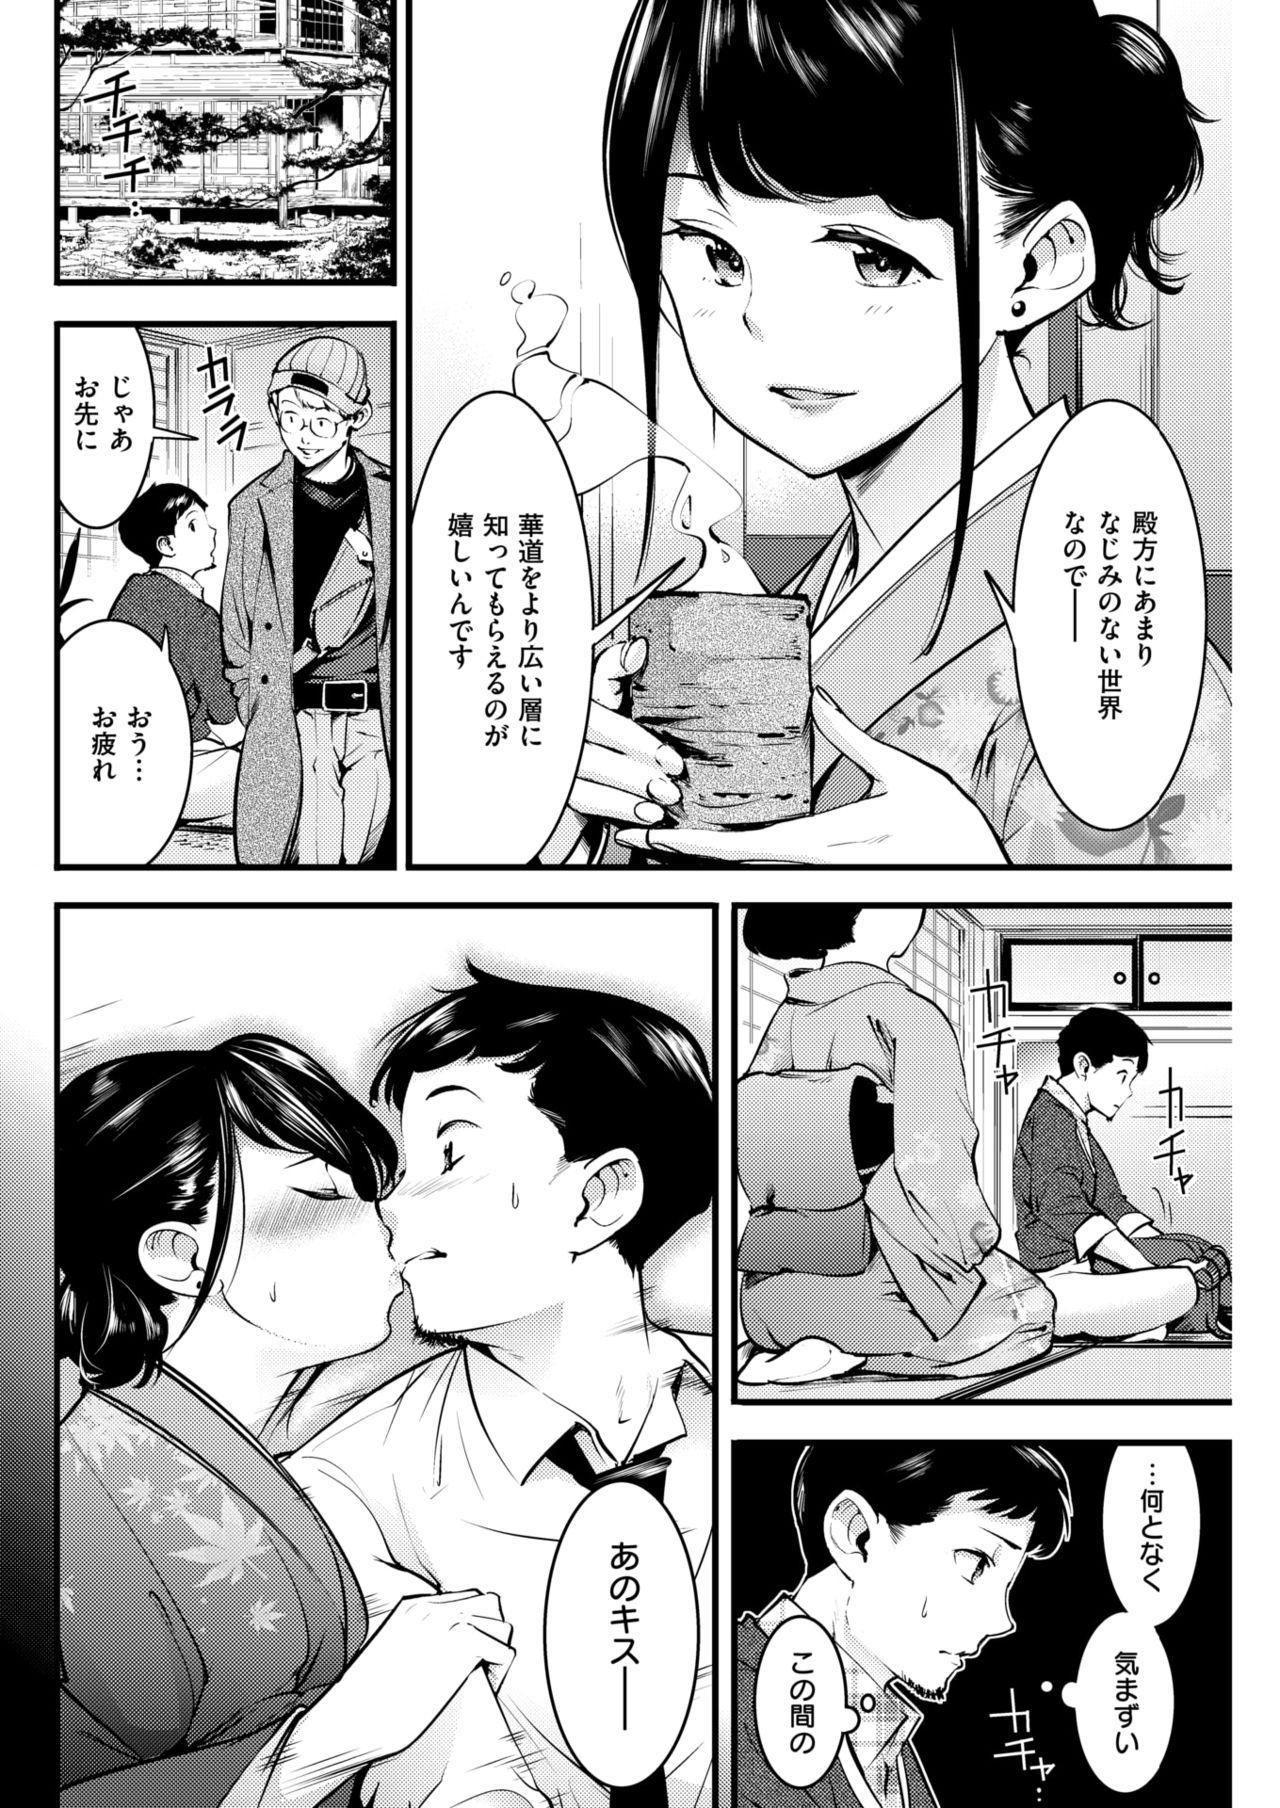 COMIC Kairakuten 2019-04 133